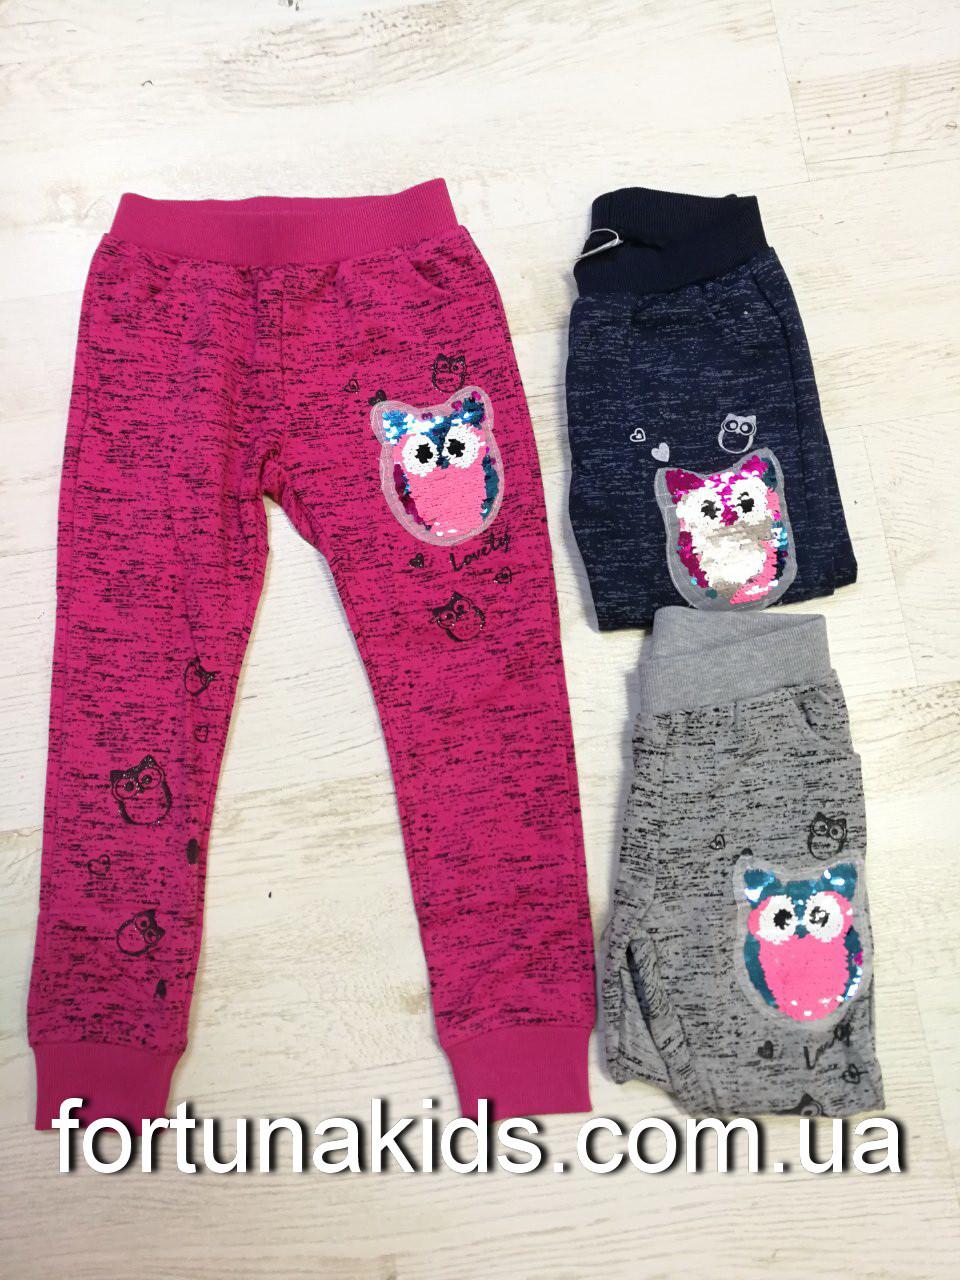 Трикотажные спортивные штаны для девочек Sincere 98-128 р.р.